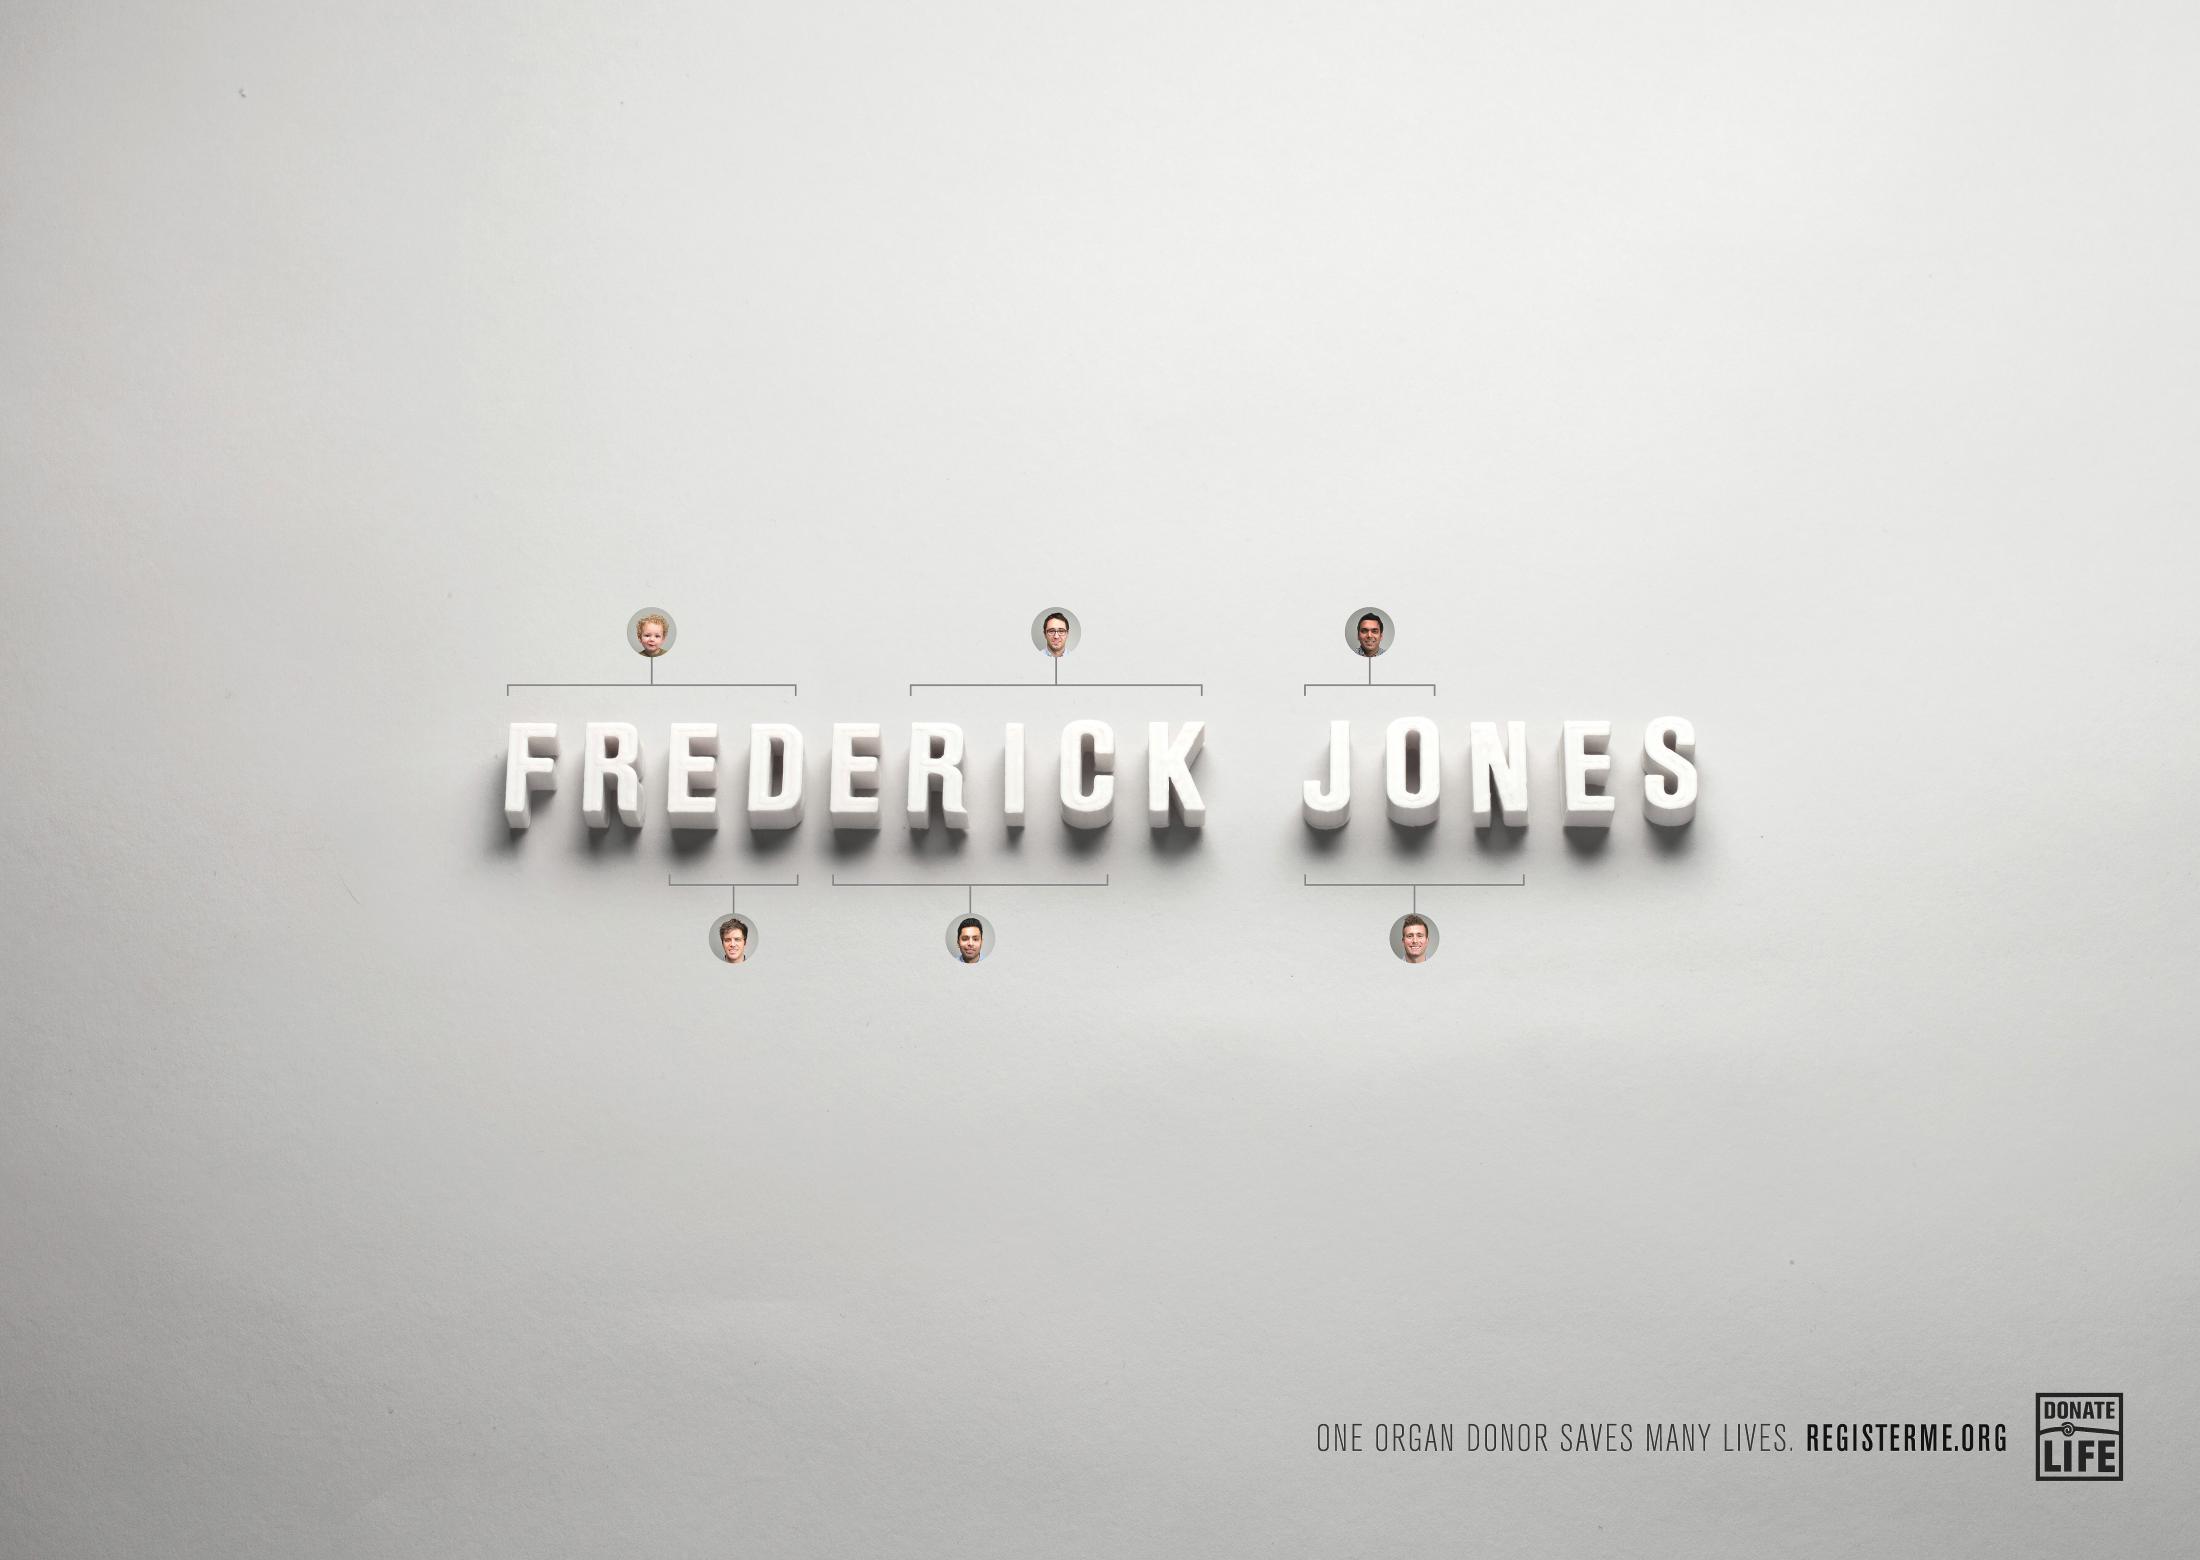 Thumbnail for Frederick Jones